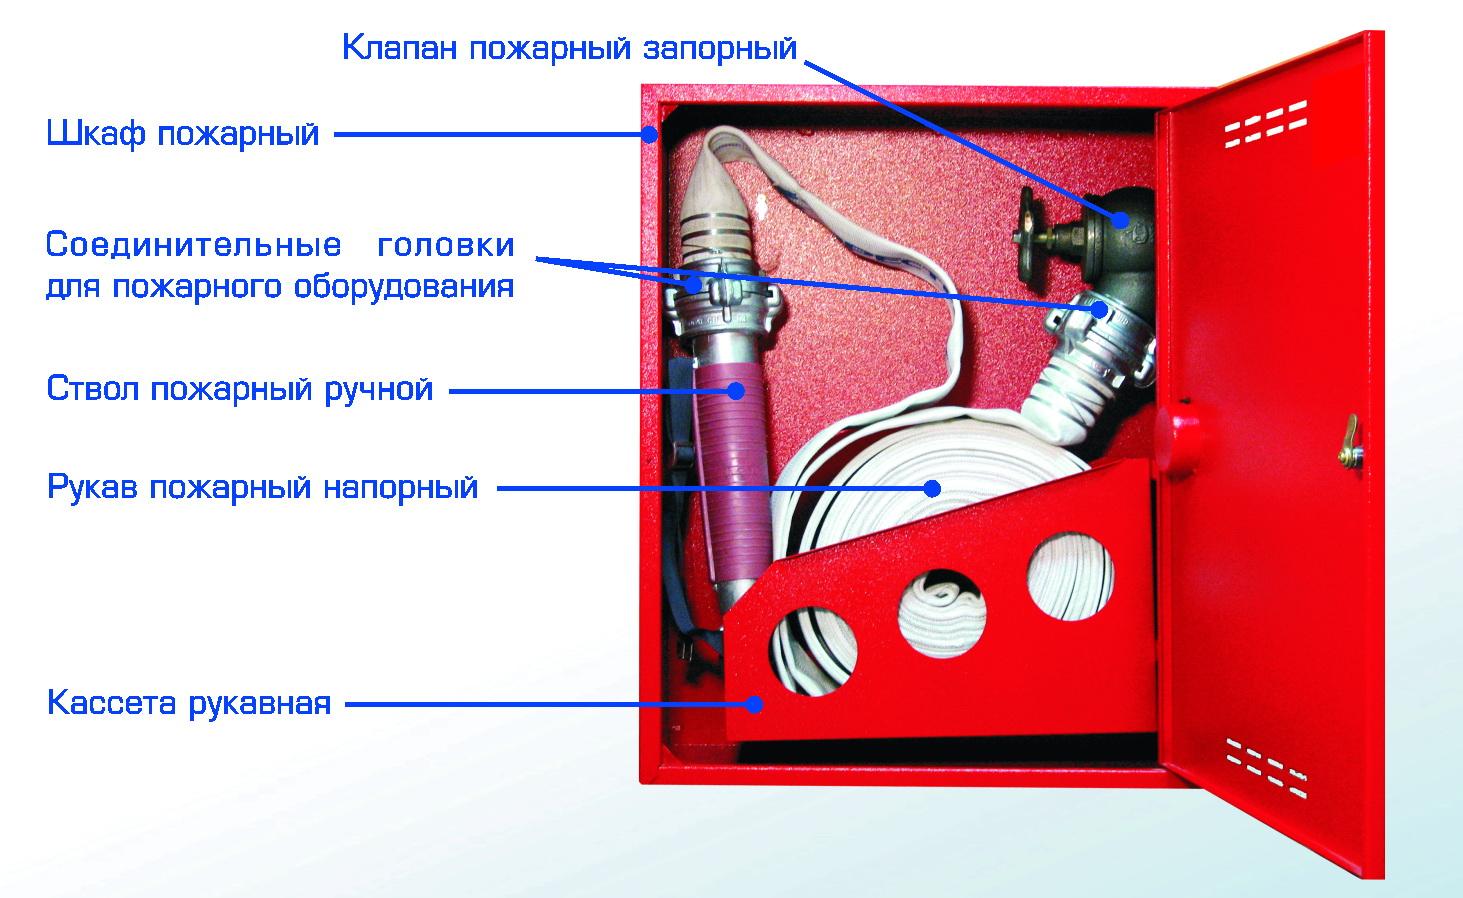 Инструкция по использованию пожарных гидрантов